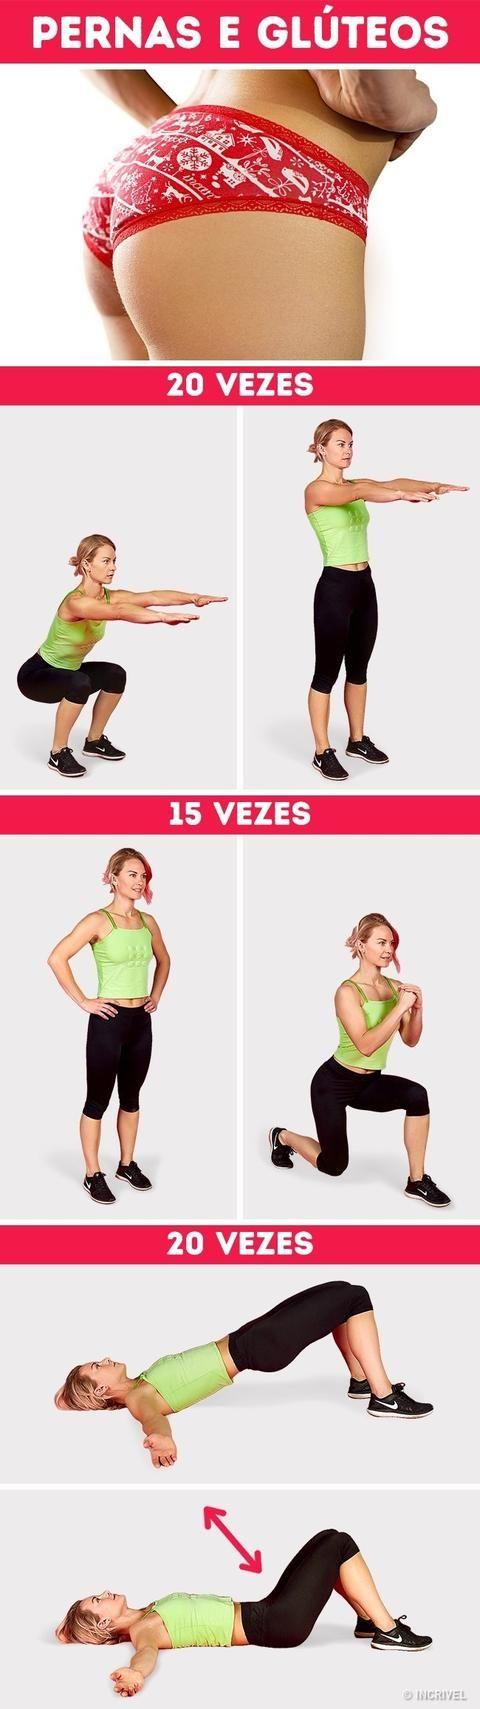 13Exercícios para treinar ocorpo inteiro eperder peso